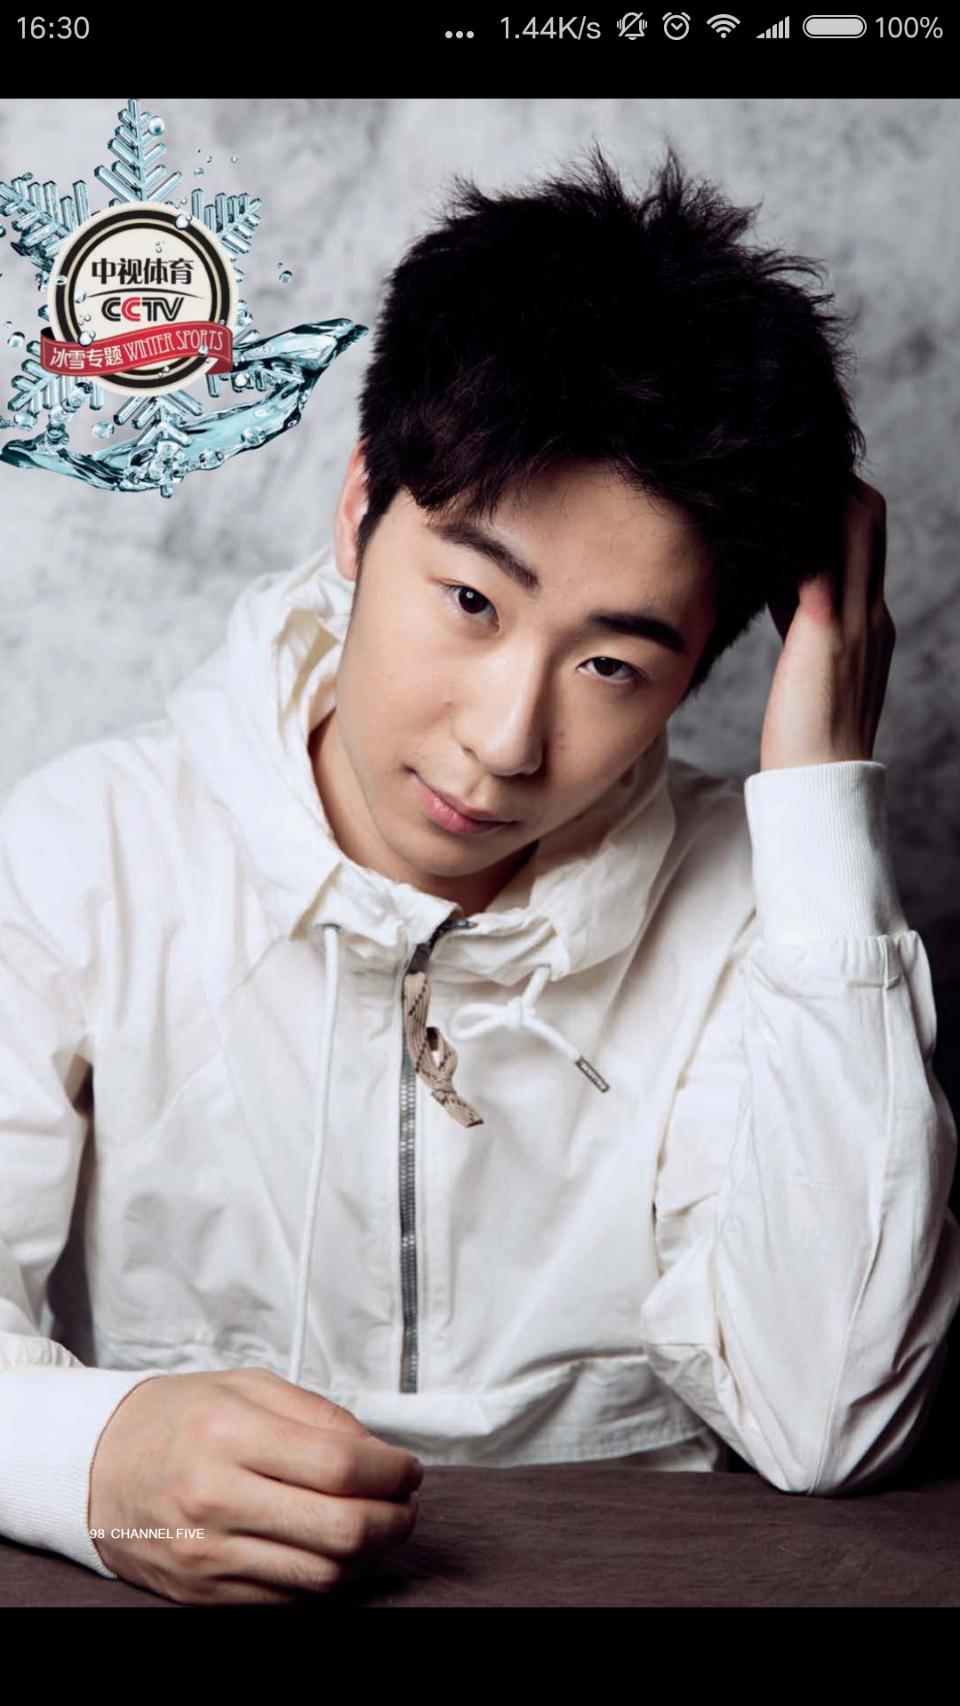 ボーヤン・ジン選手が雑誌の撮影で韓流俳優みたいに大人っぽくなってる